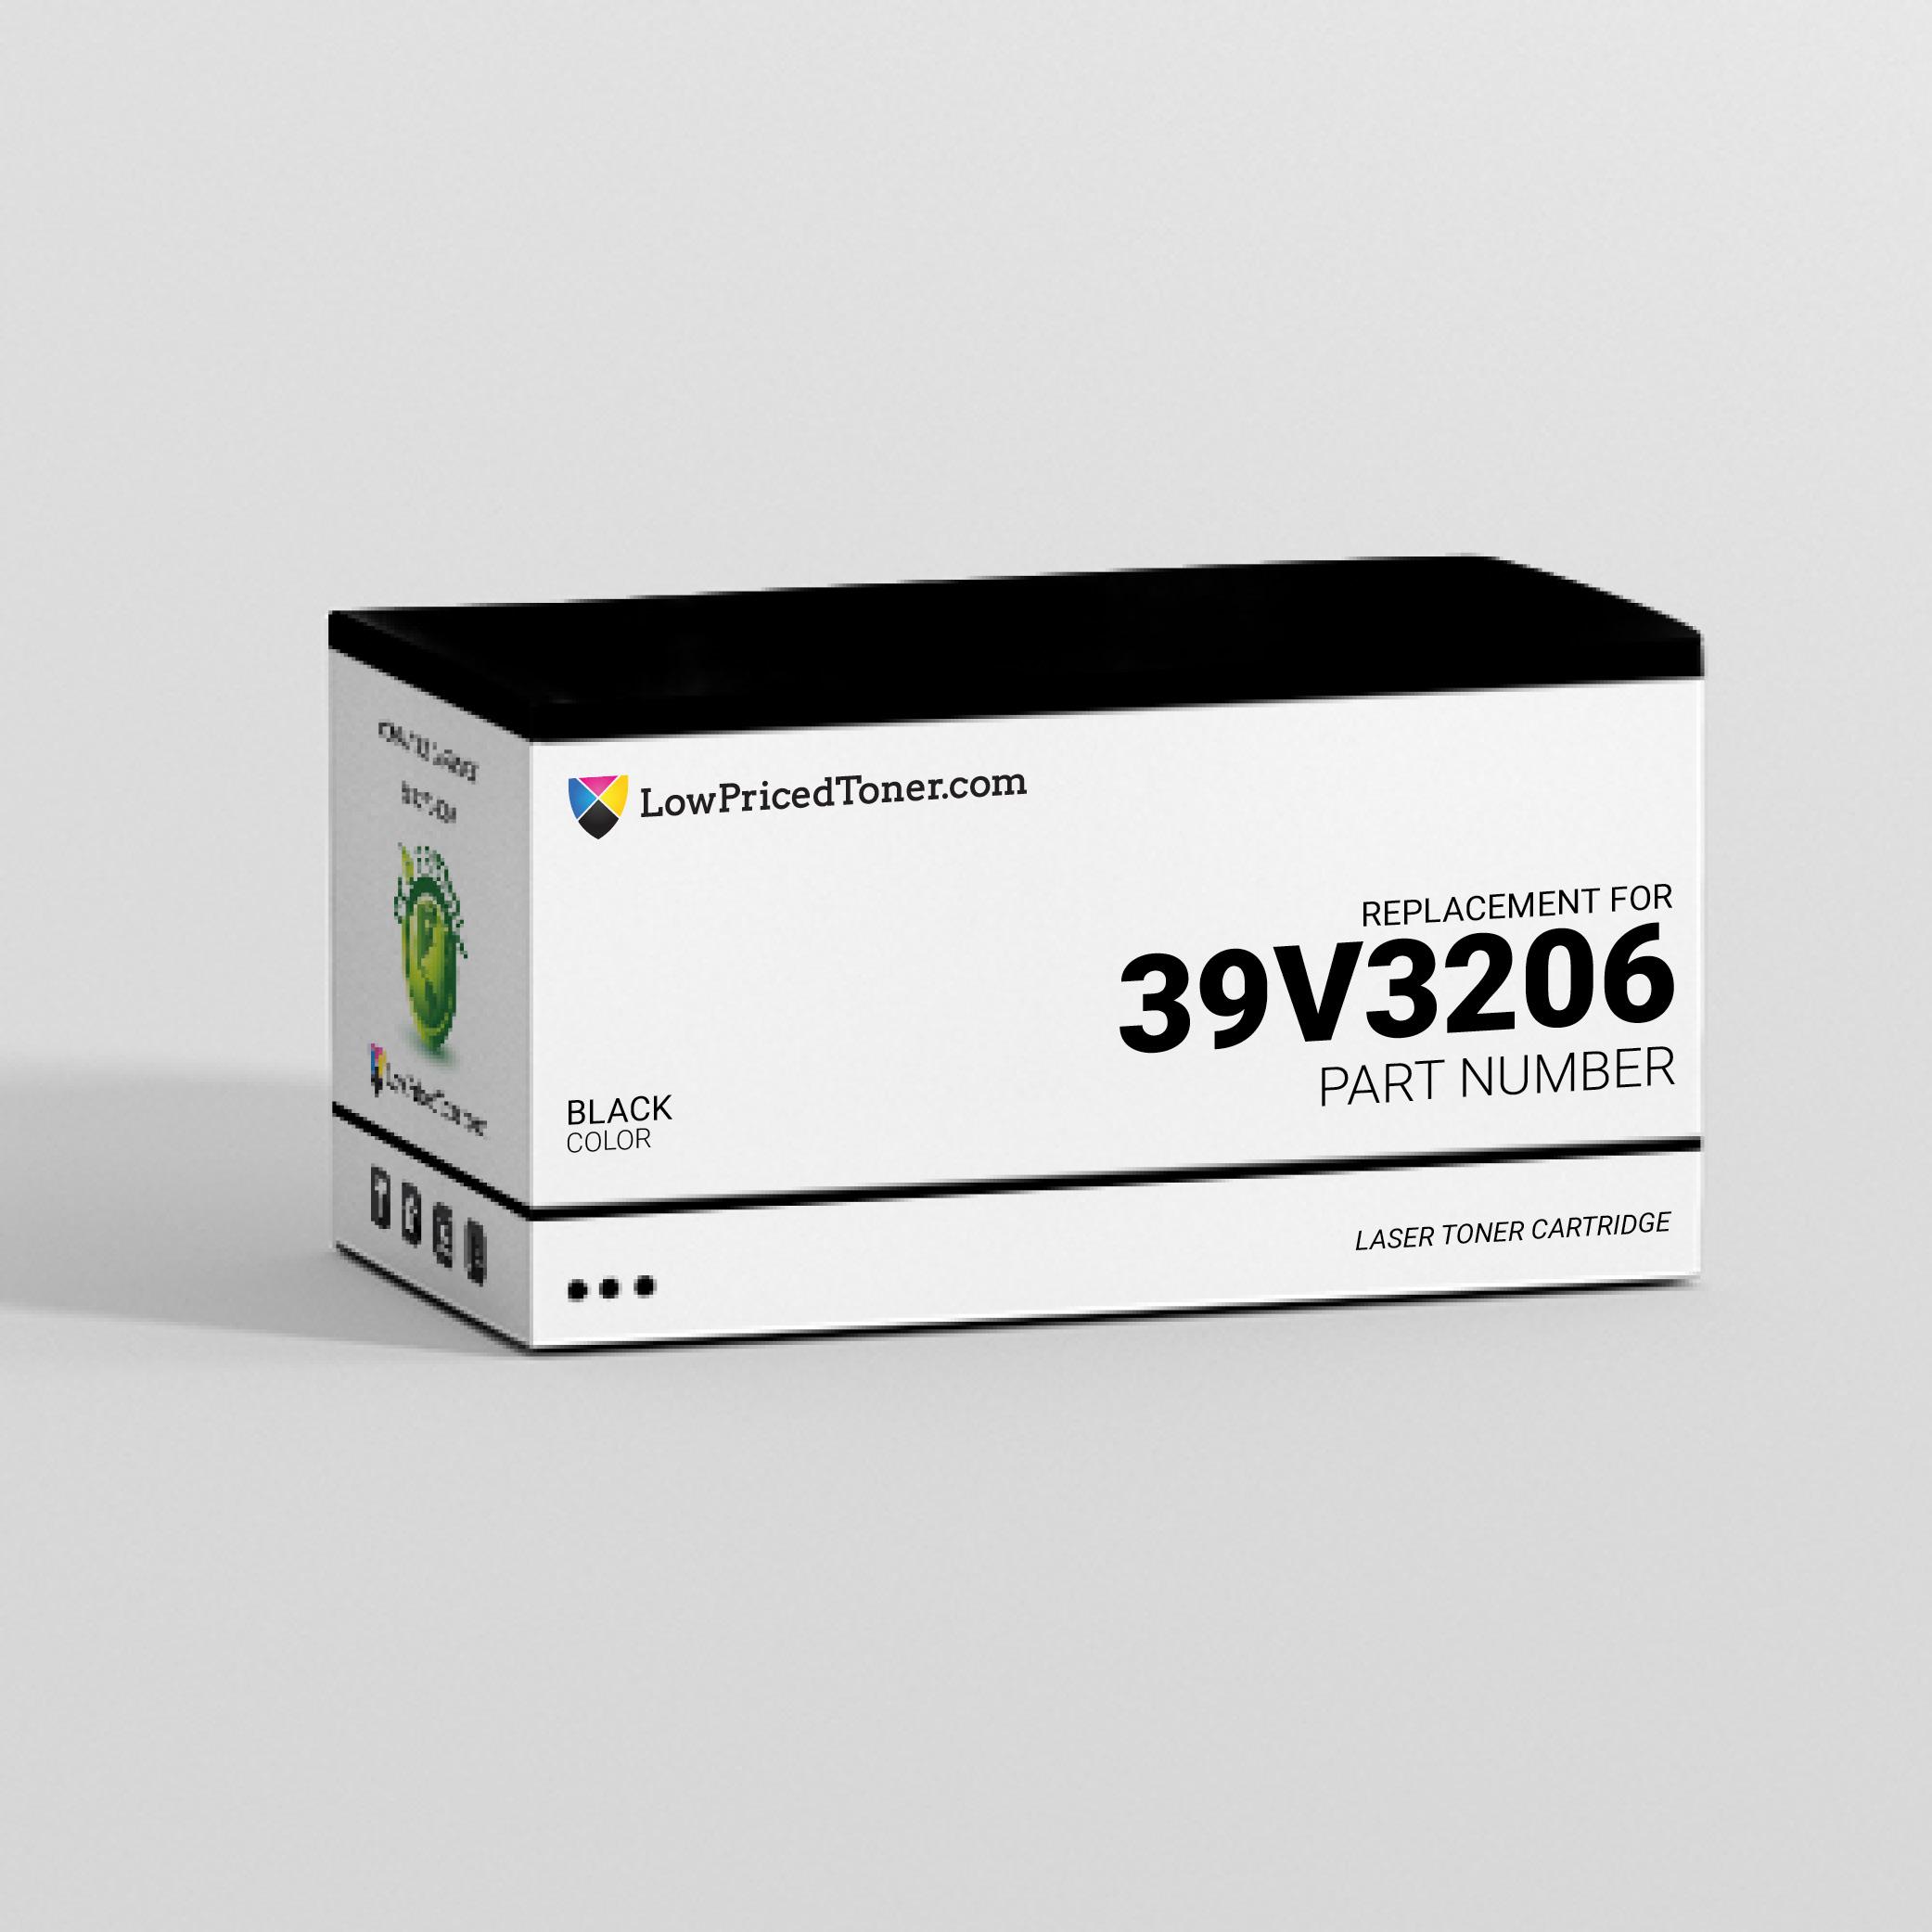 IBM 39V3206 Remanufactured Black Laser Toner Cartridge